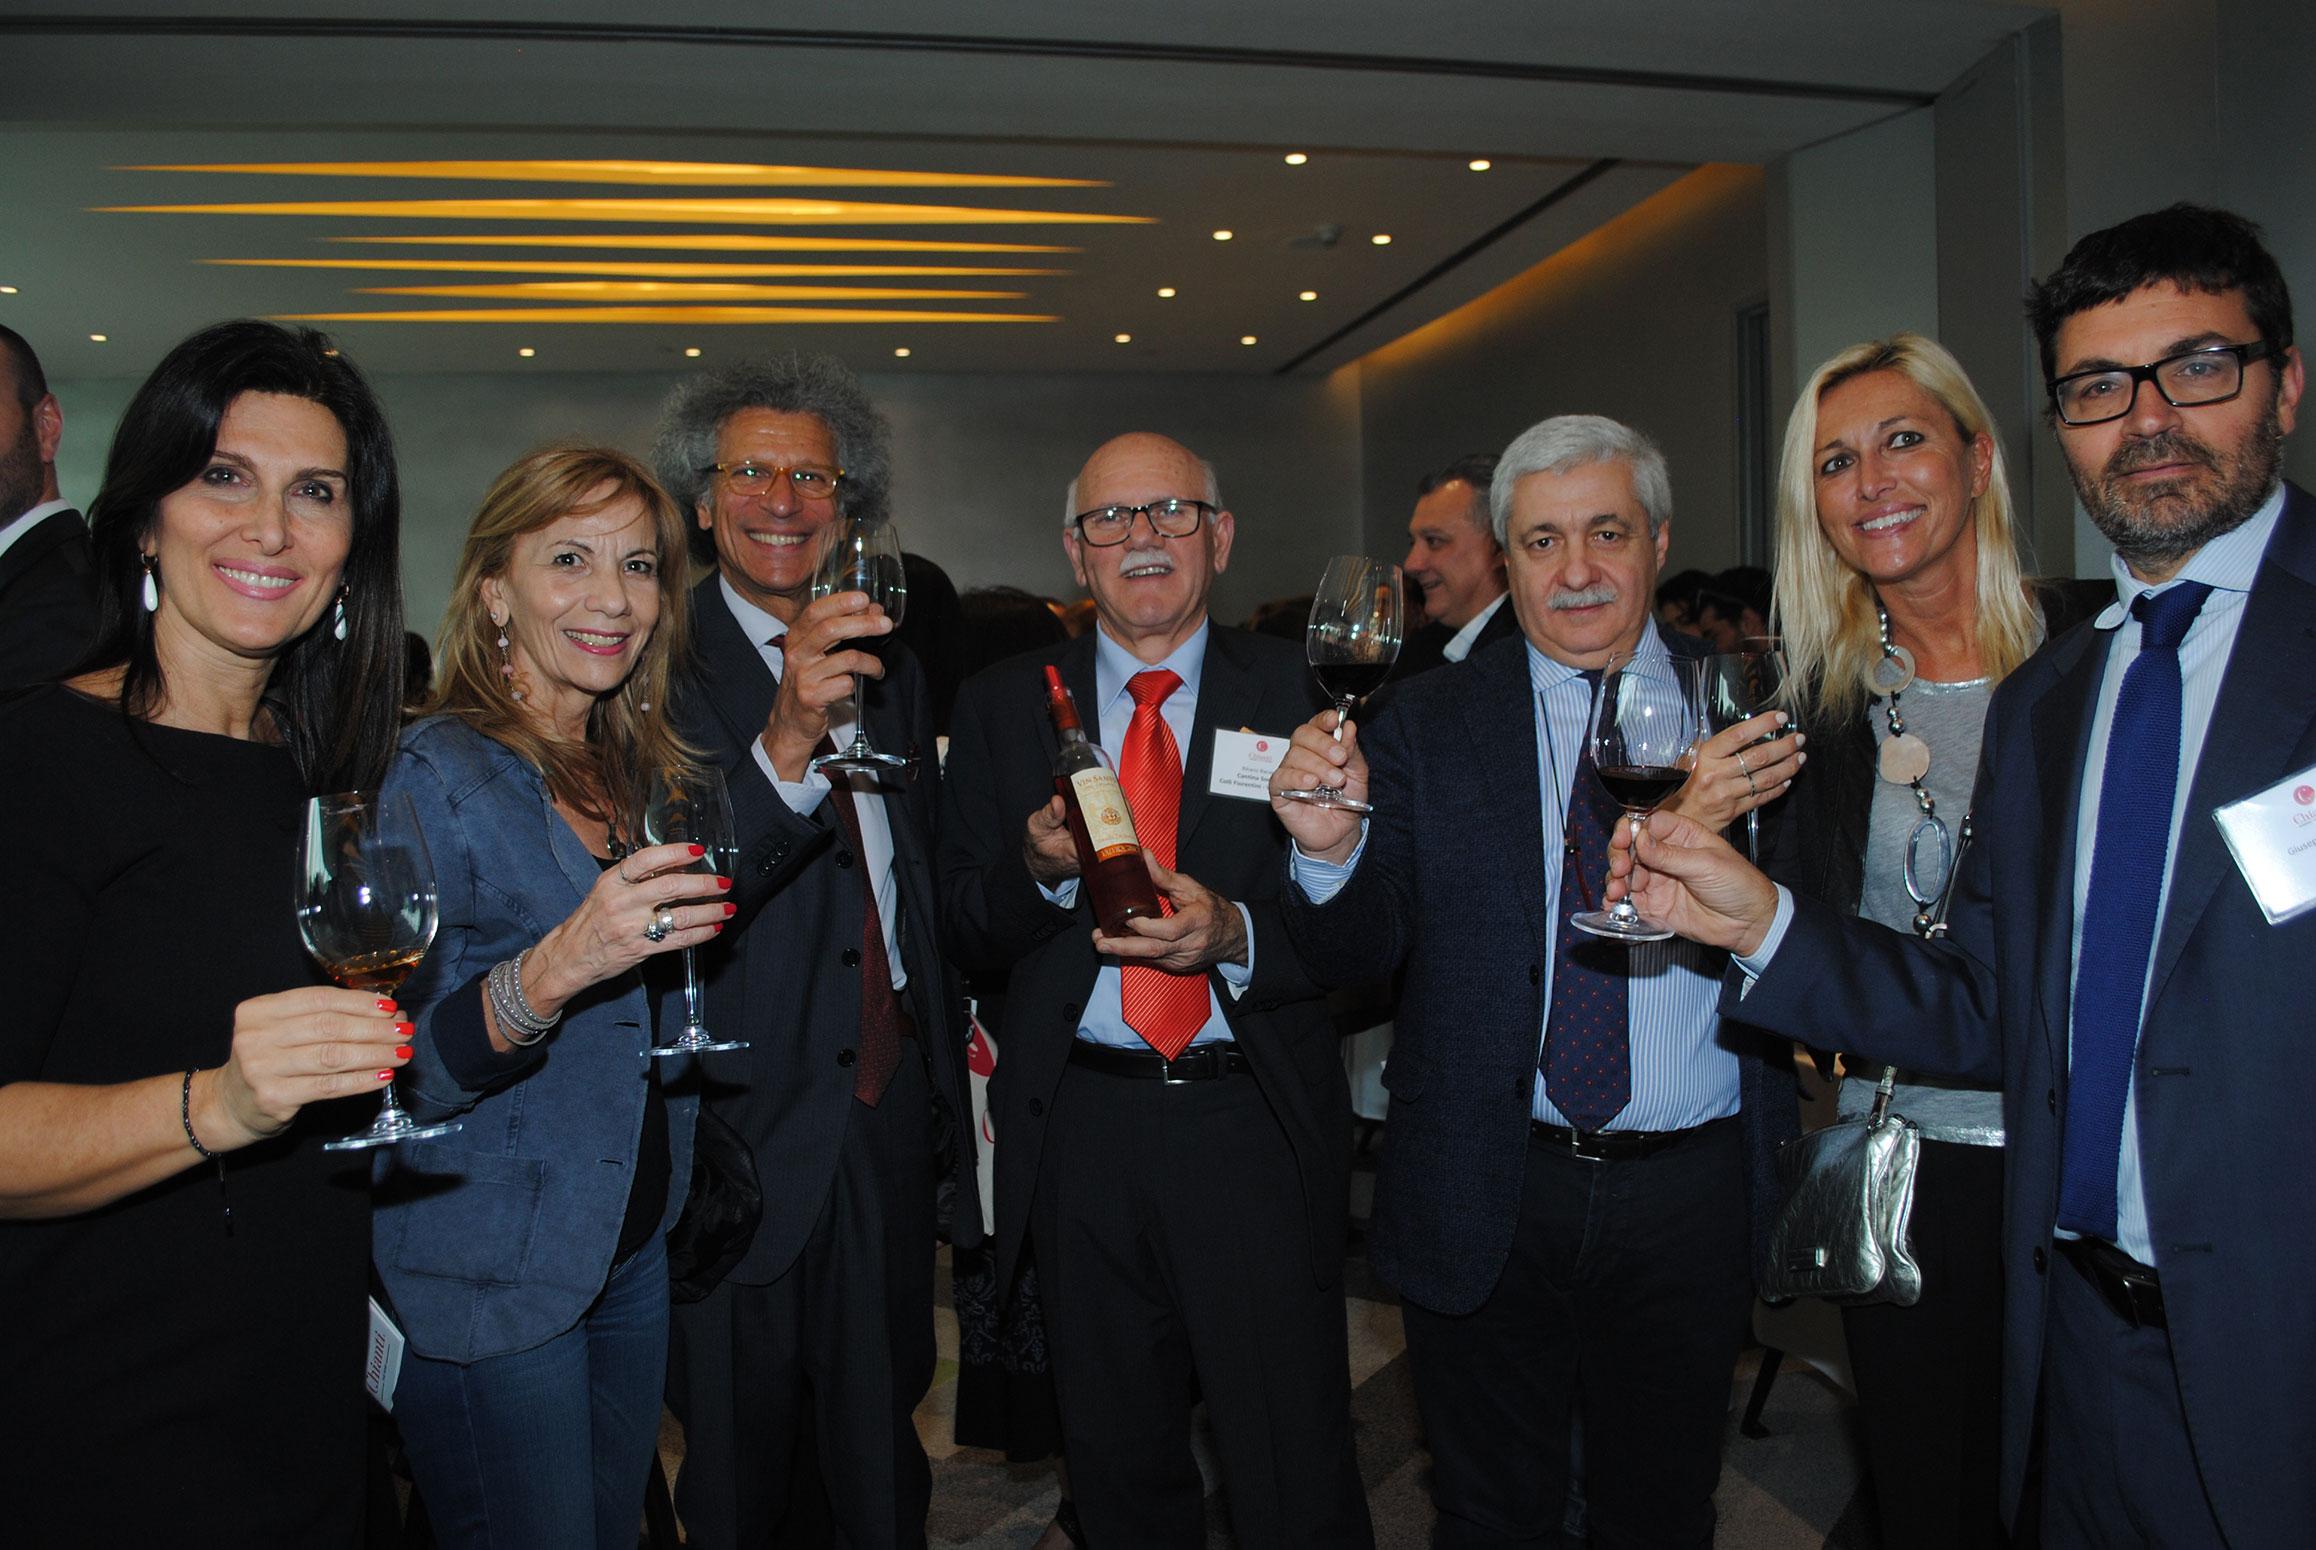 Loredana Maccotta y su esposo, Luigi Maccotta, embajador de Italia (segunda y tercero de izquierda a derecha), con empresarios e invitados del Consorcio de Vino Chianti